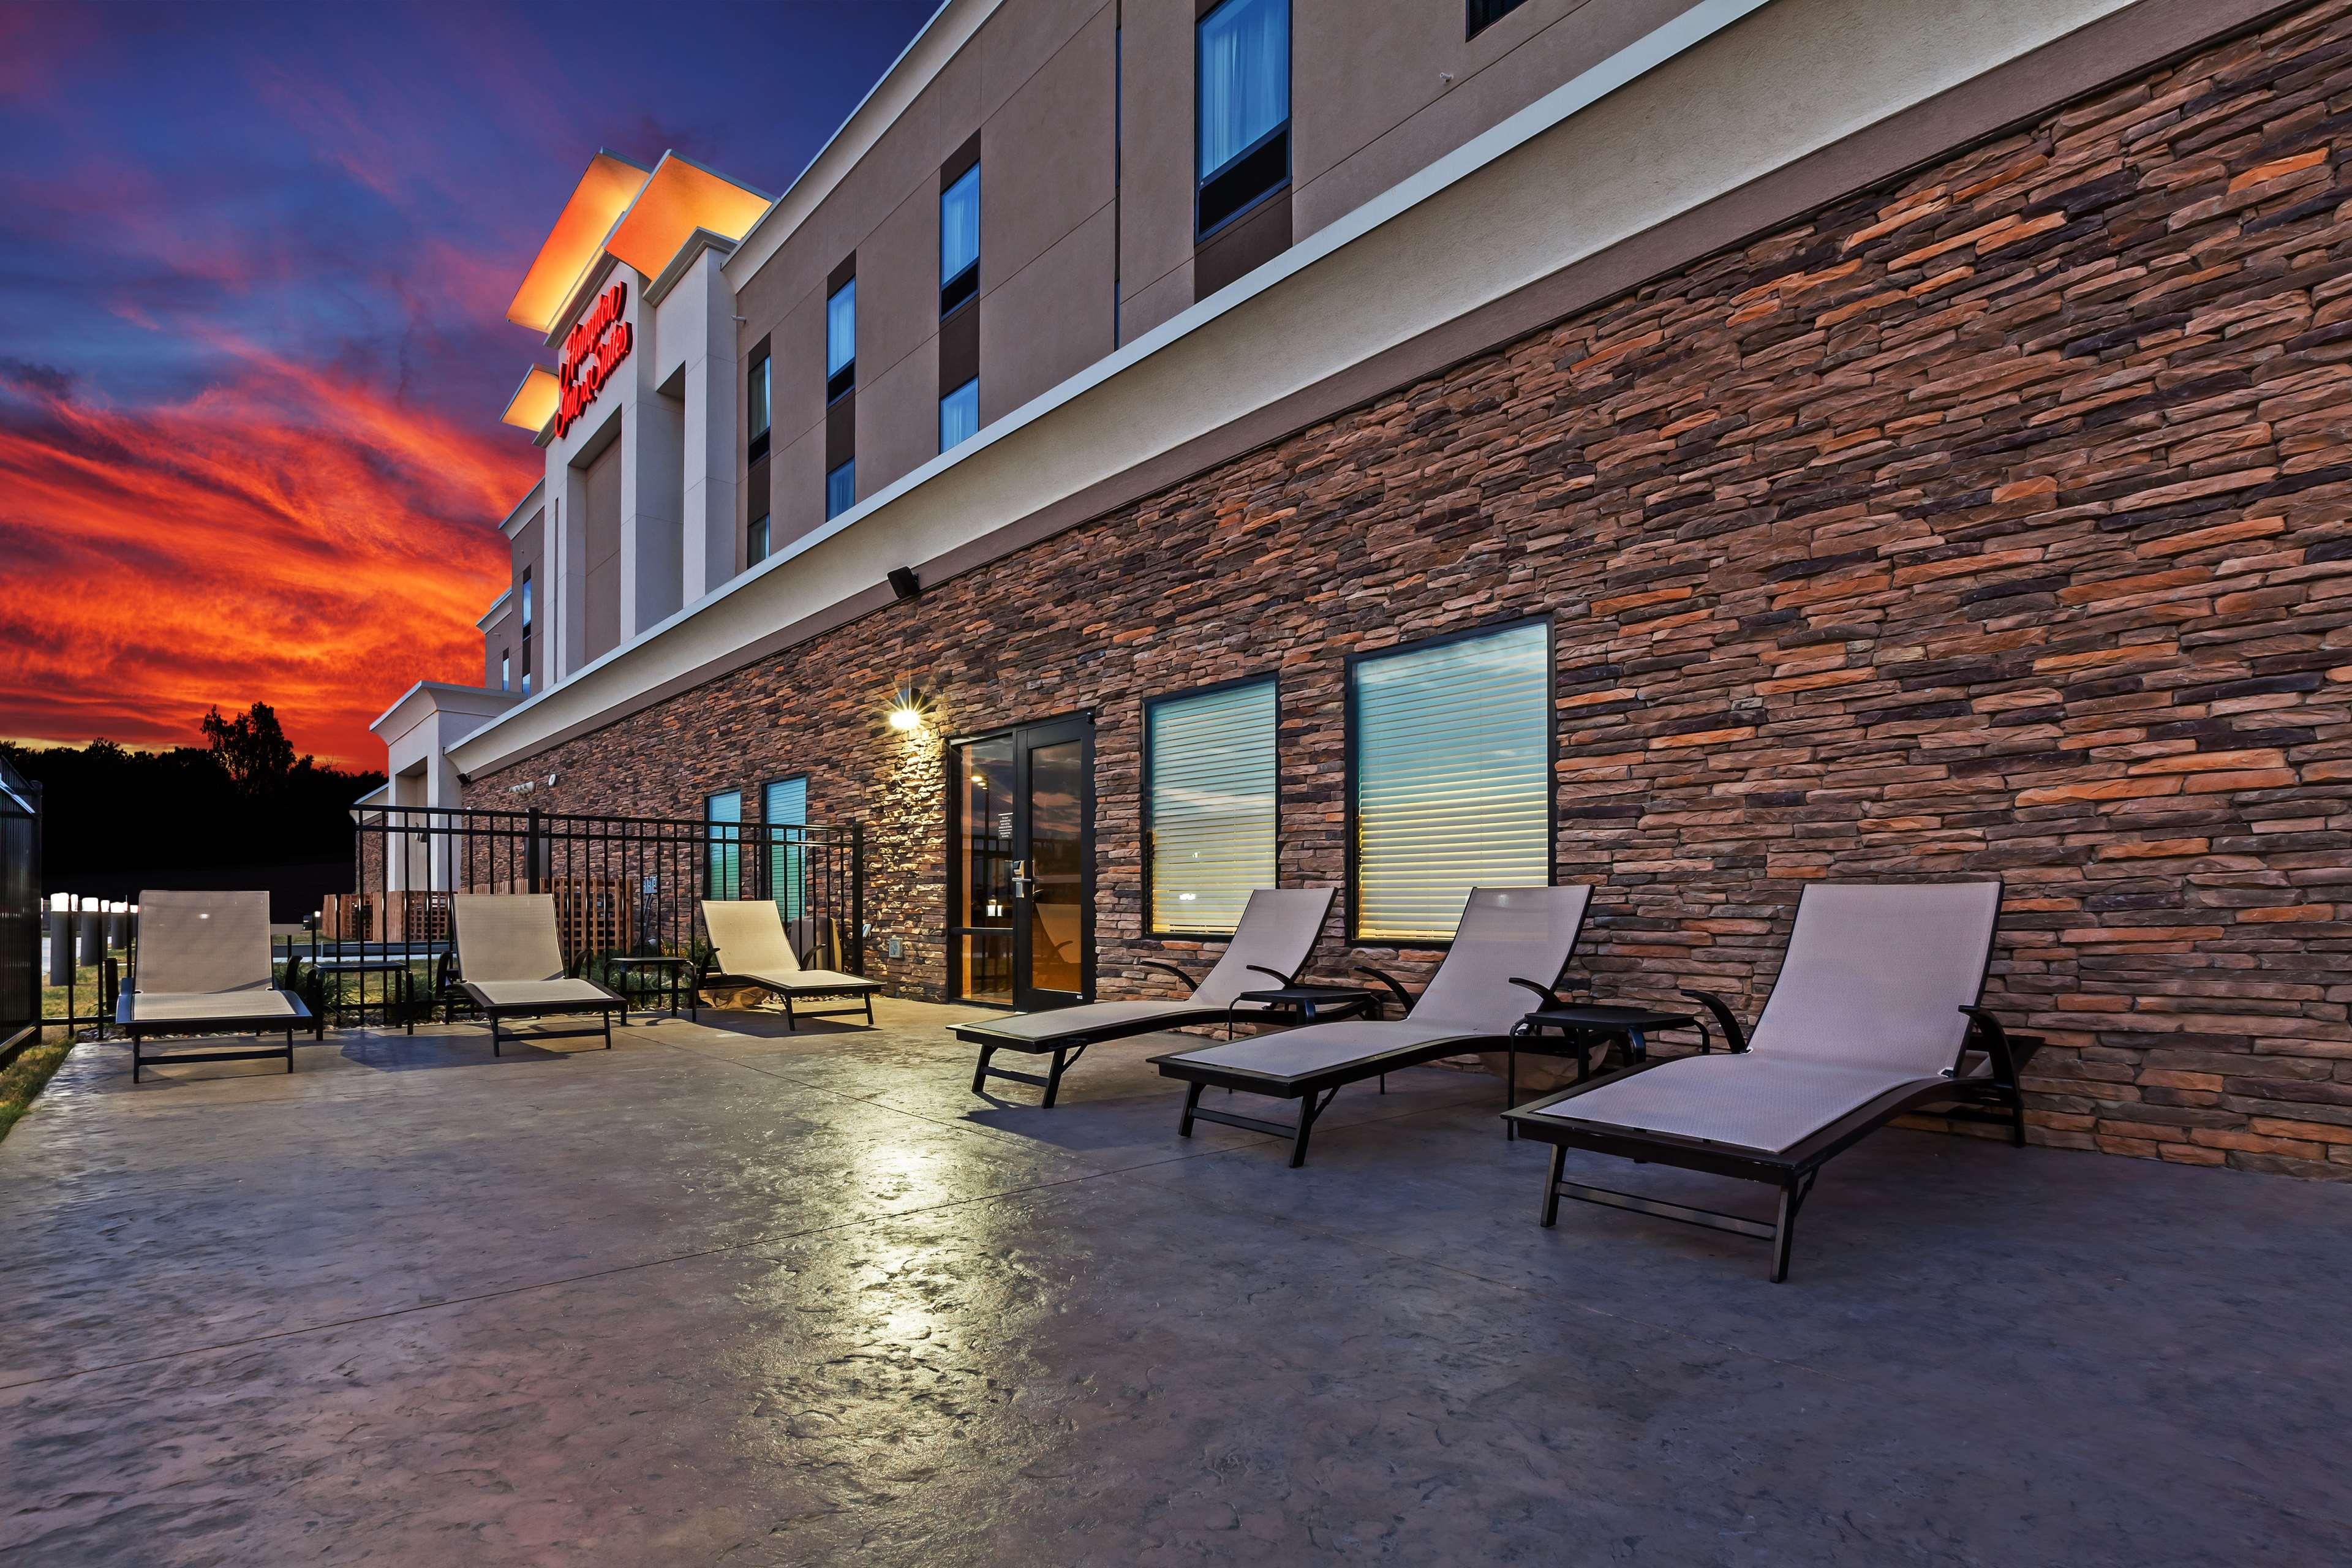 Hampton Inn & Suites Claremore image 2